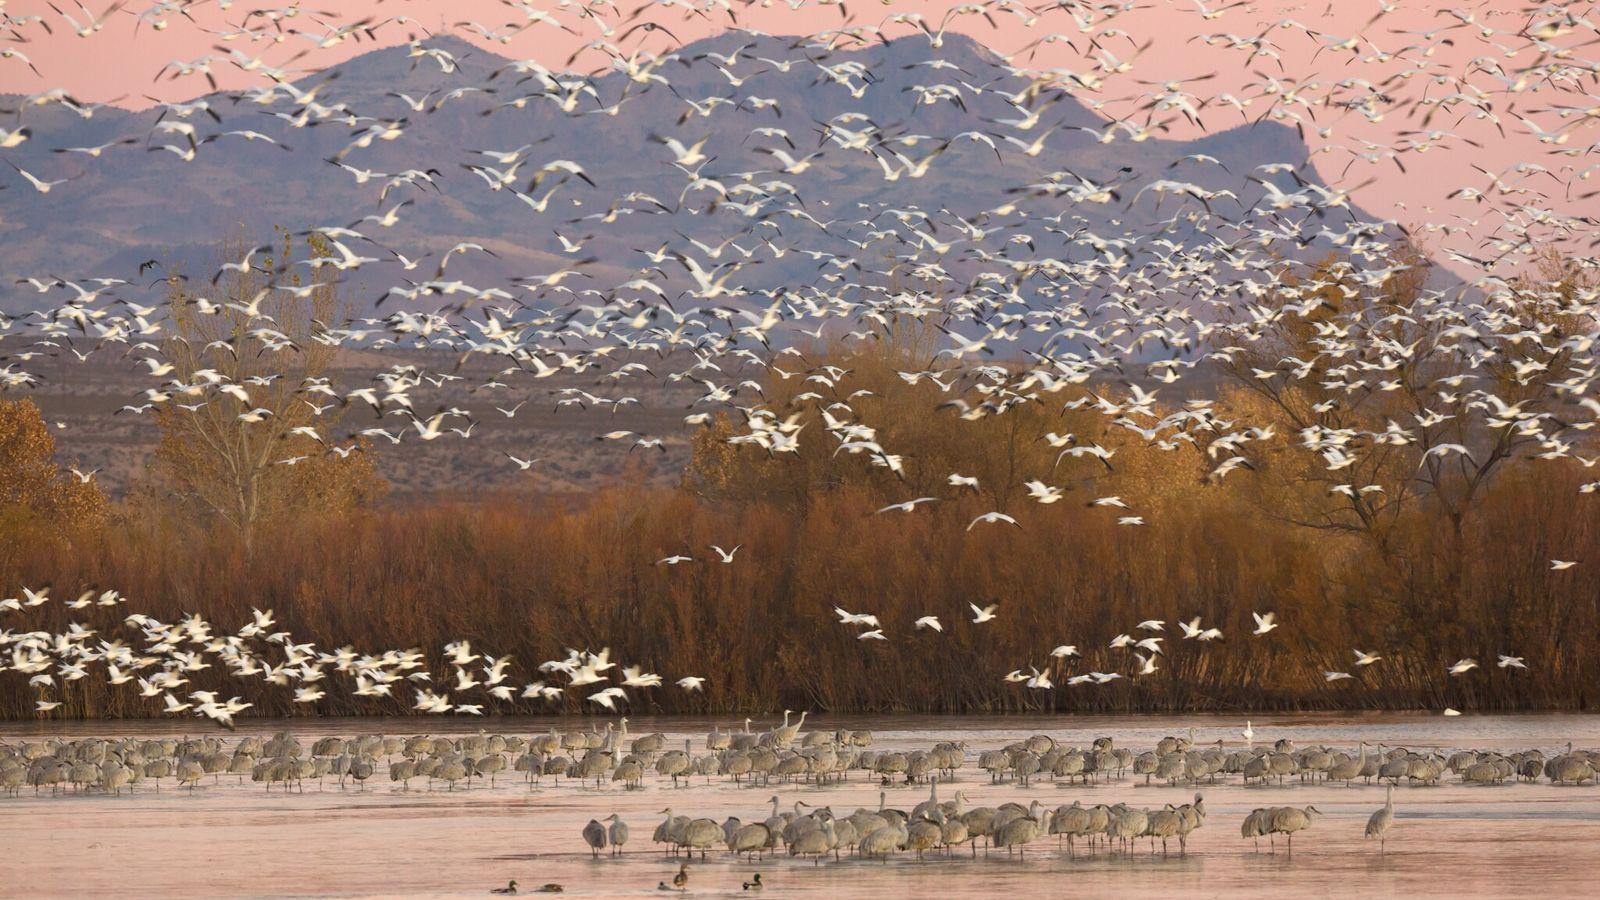 Aves migratórias, como os gansos-das-neves da foto, tiveram proteção reduzida sob o governo Trump. A expectativa ...